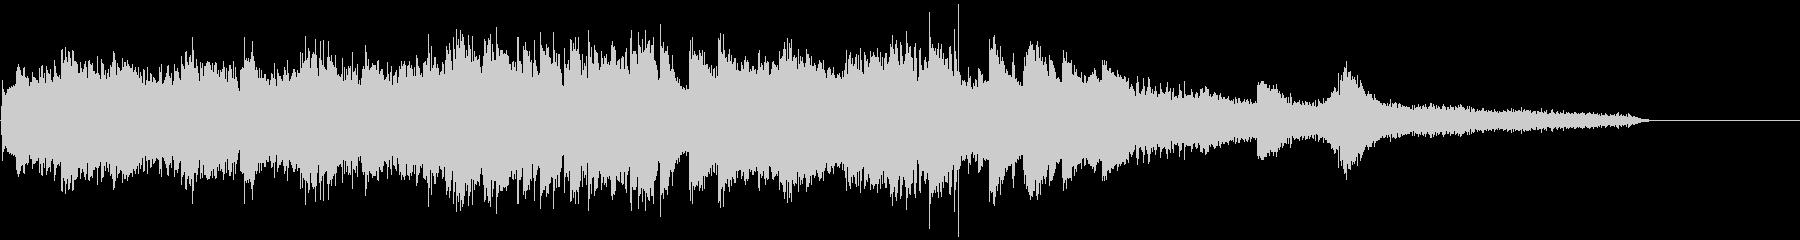 ピアノによるアイキャッチ(印象派風 2)の未再生の波形